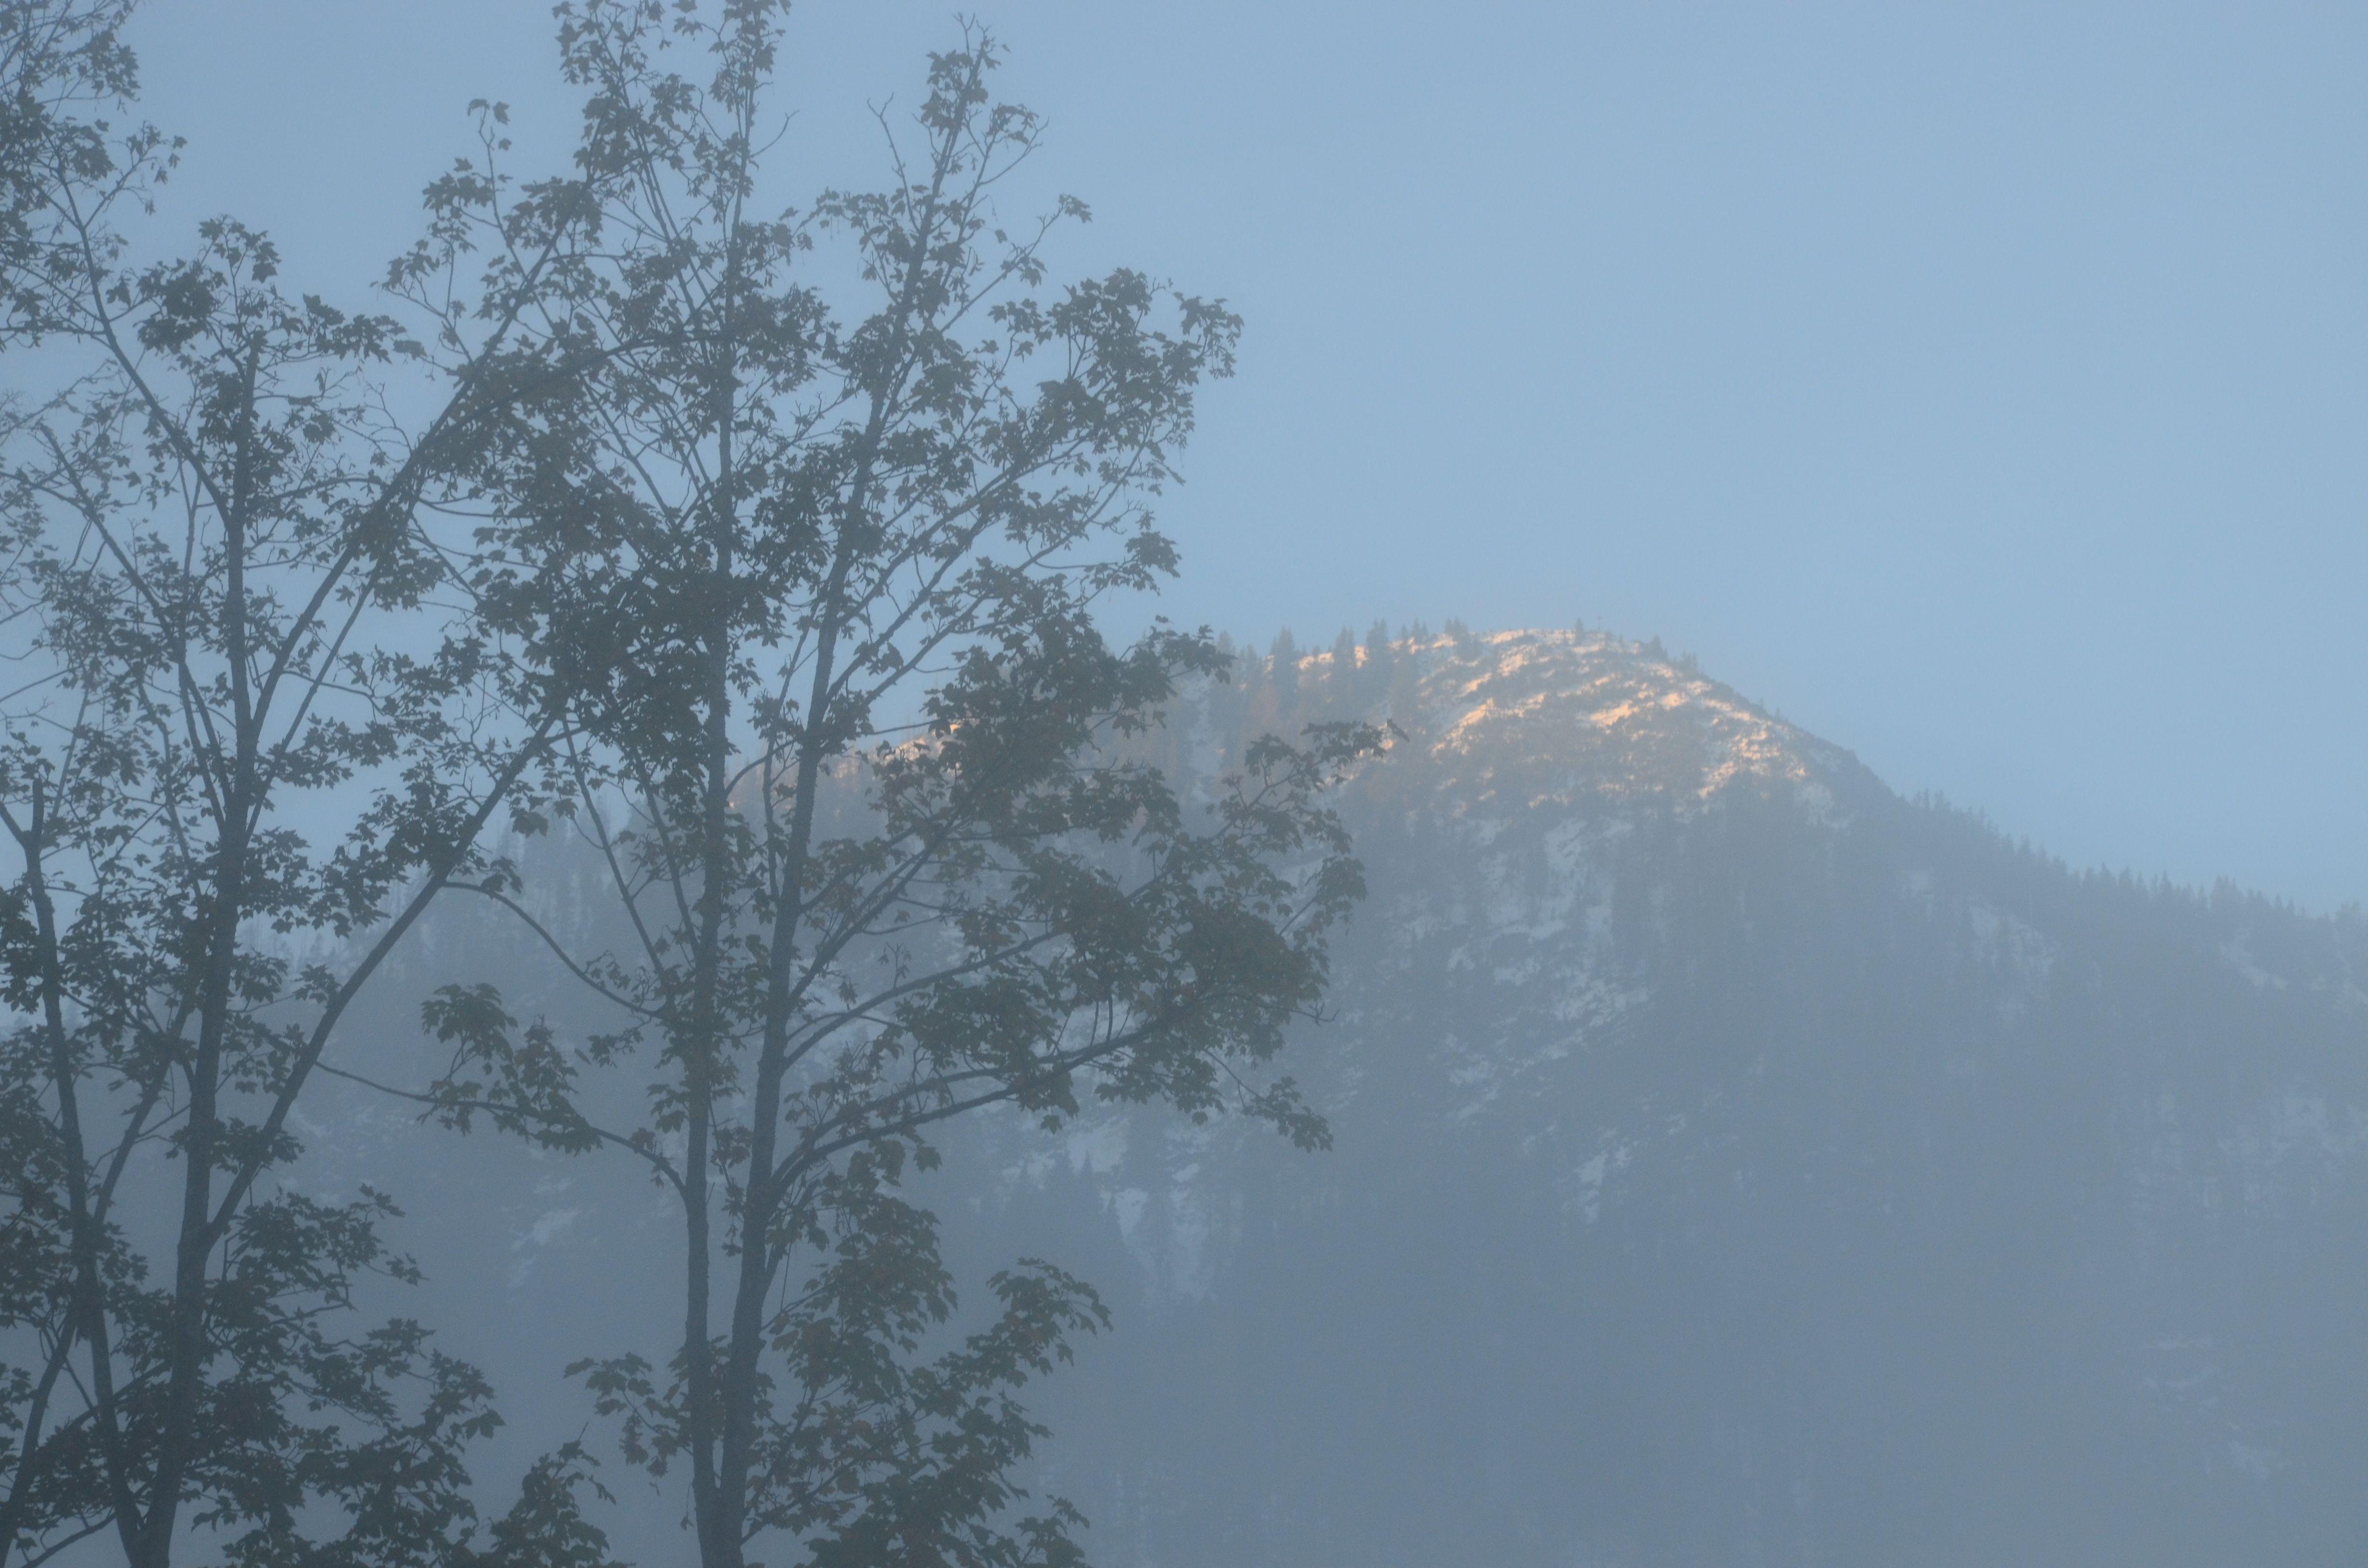 Herrlich - oben leuchtet schon der blaue Himmel über den Bergen und im Tal hängt der Morgen #Nebel an einem schönen Herbsttag im November